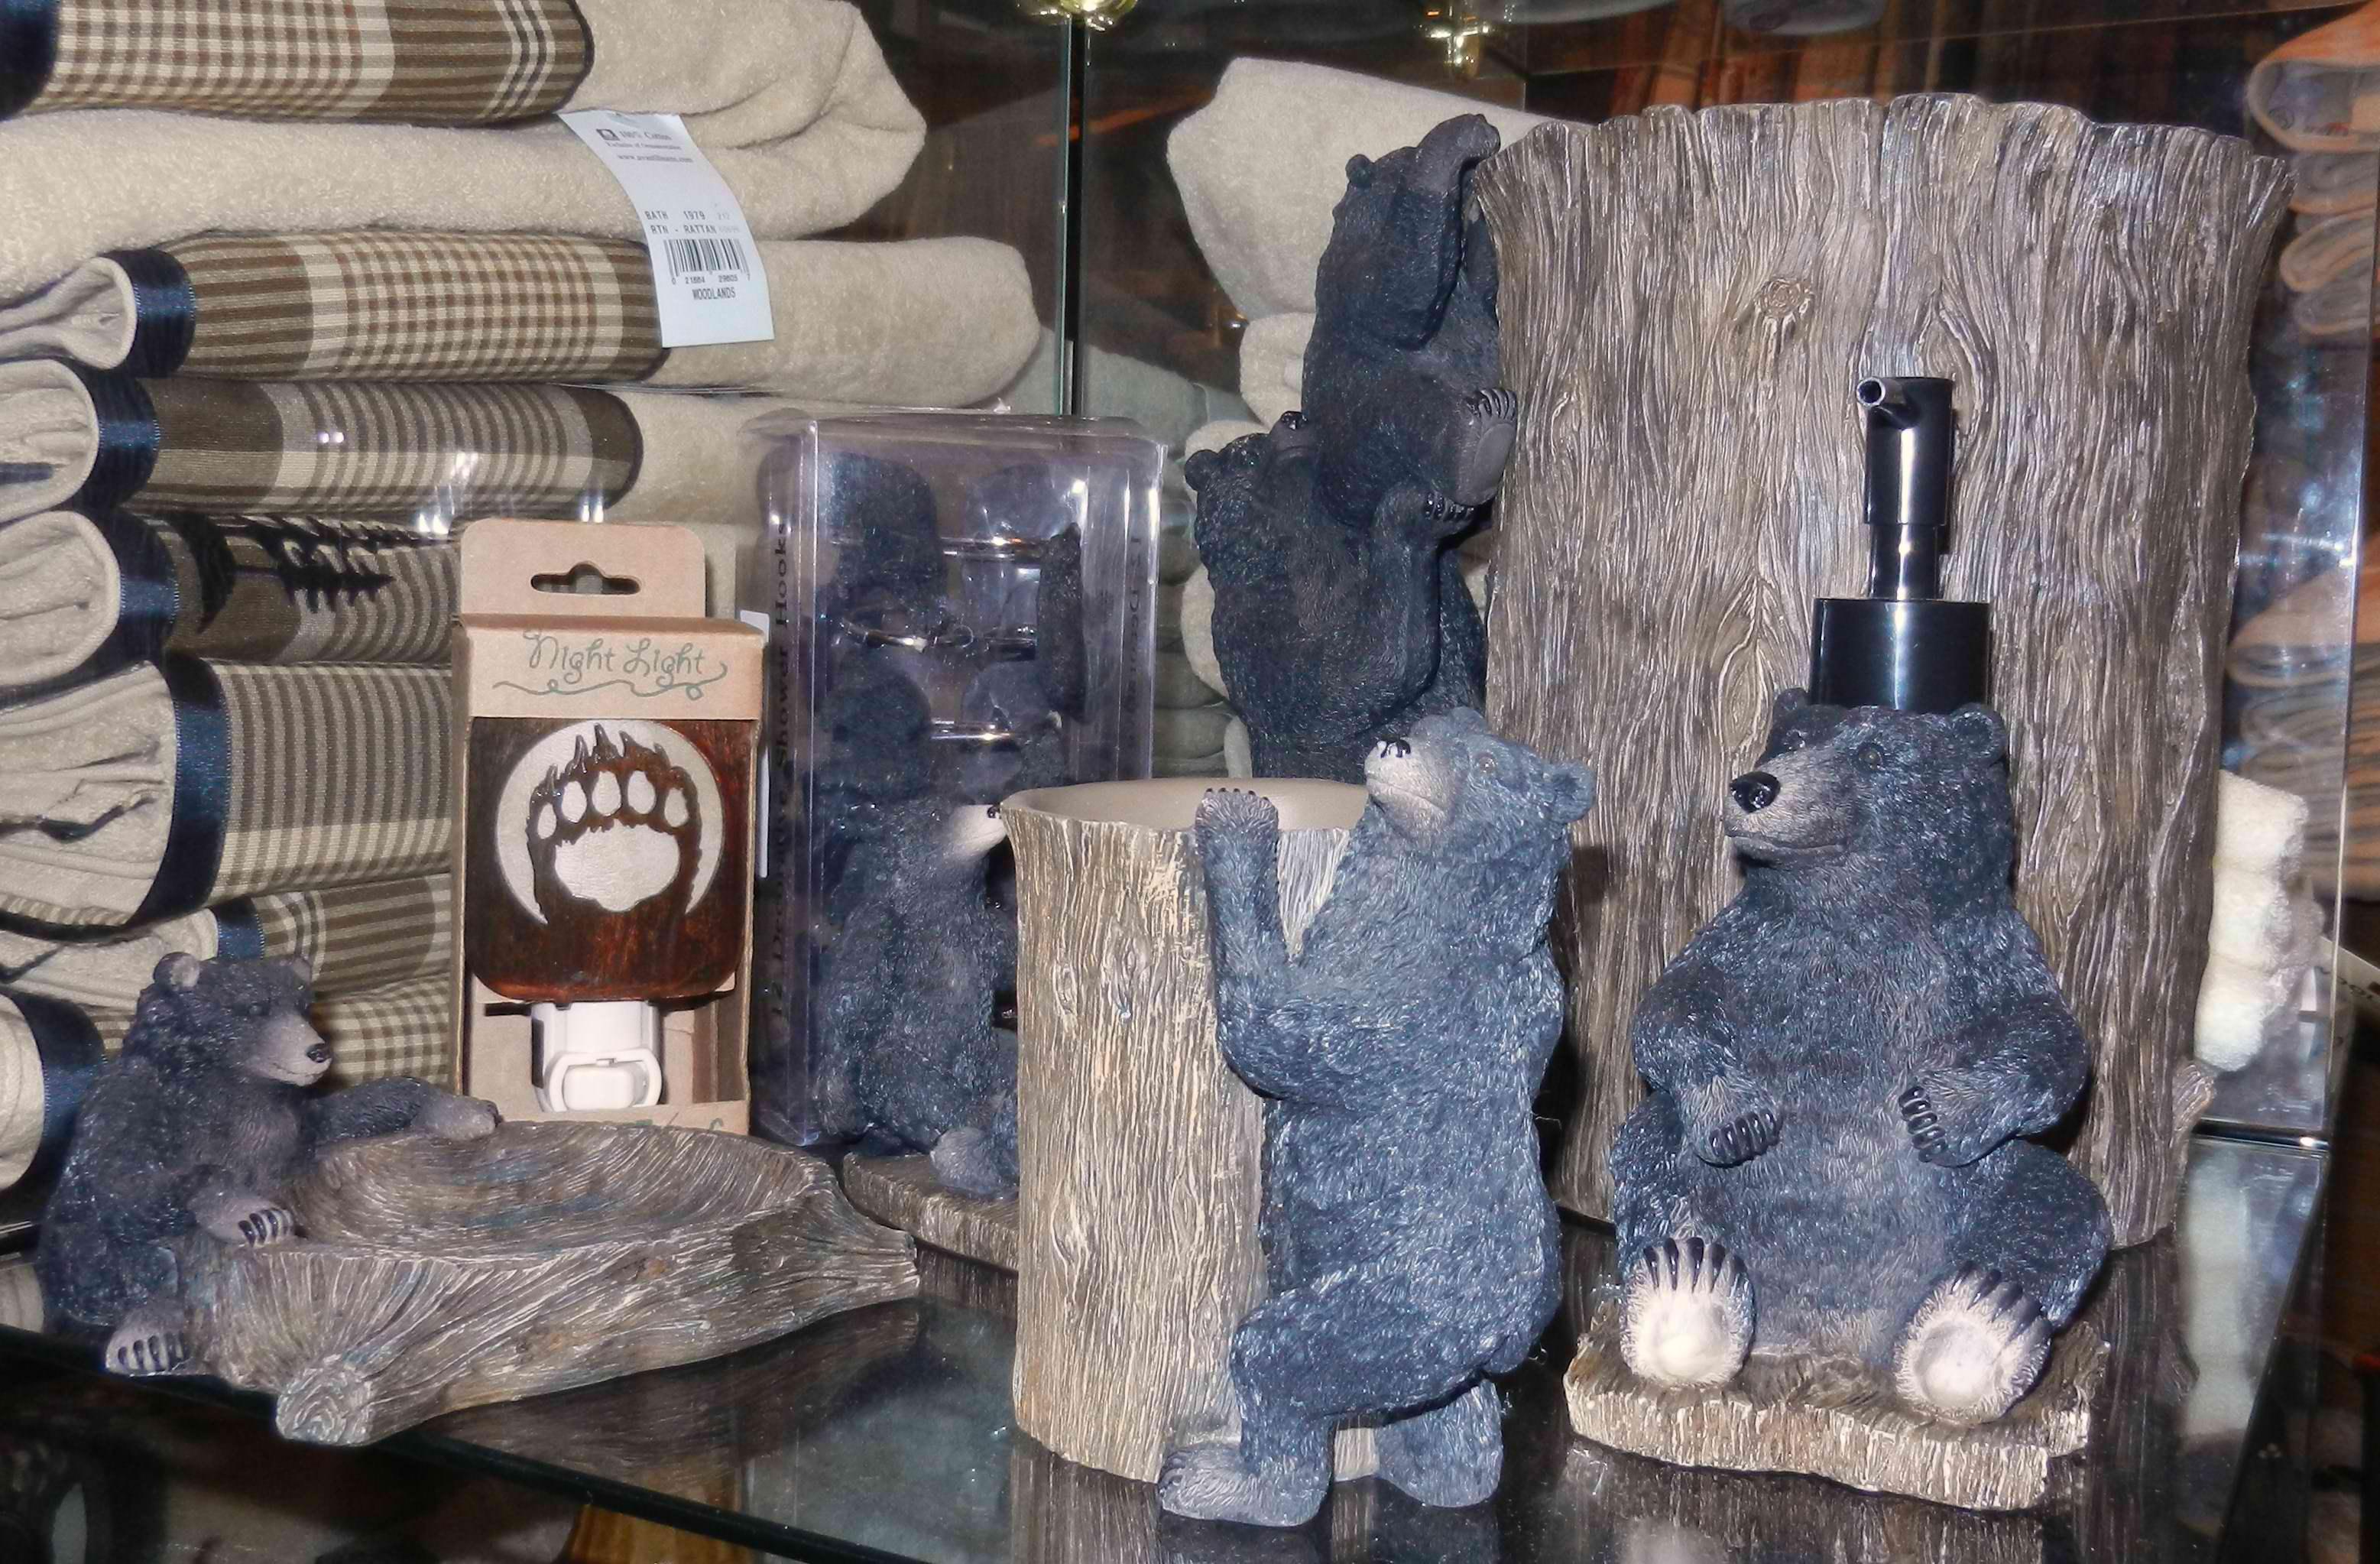 Black bear bathroom decor ideas for a home lodge for Bear home decorations